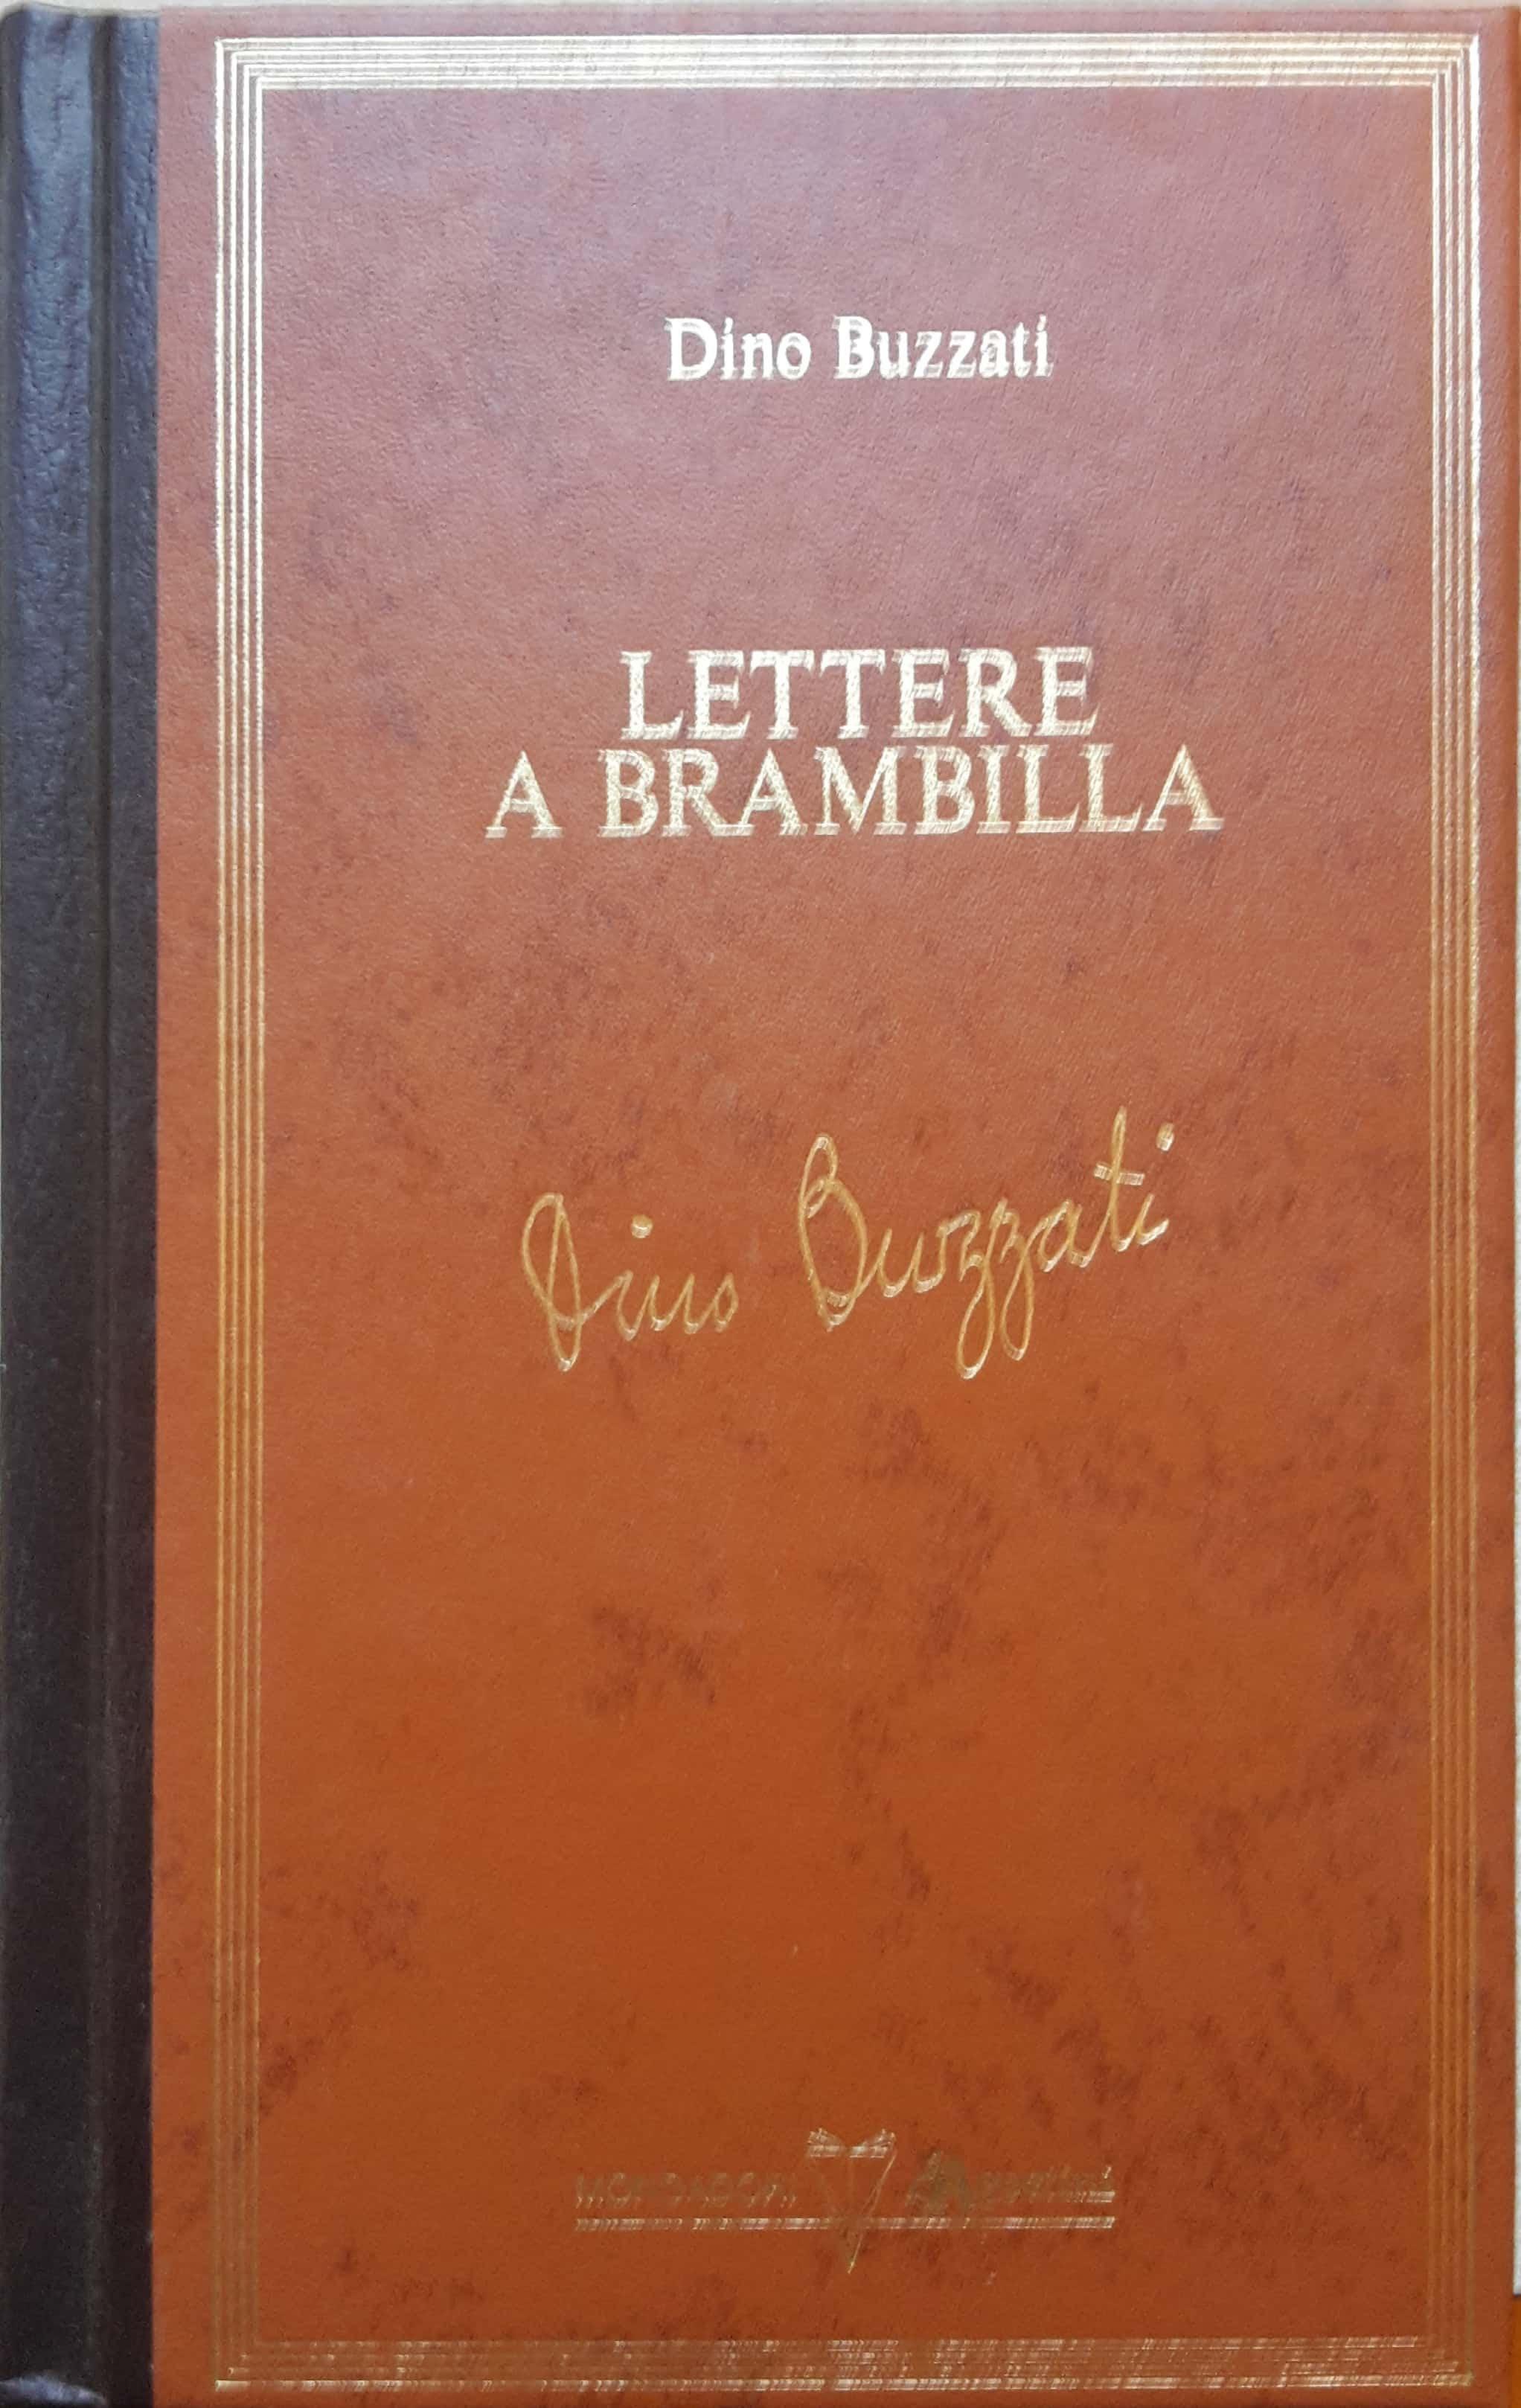 Lettere a Brambilla